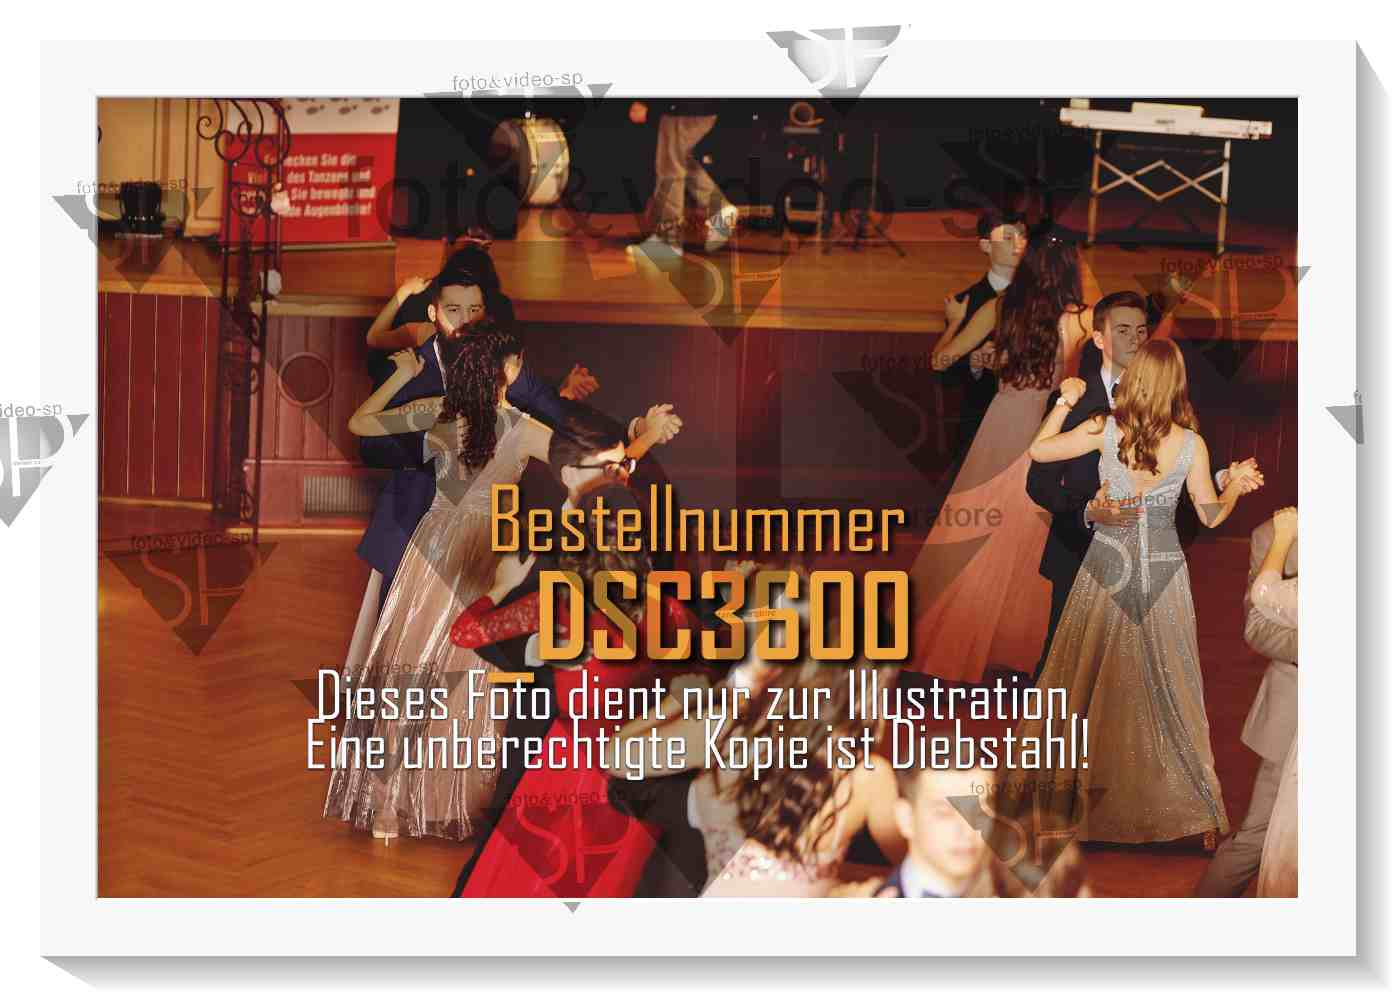 DSC3600